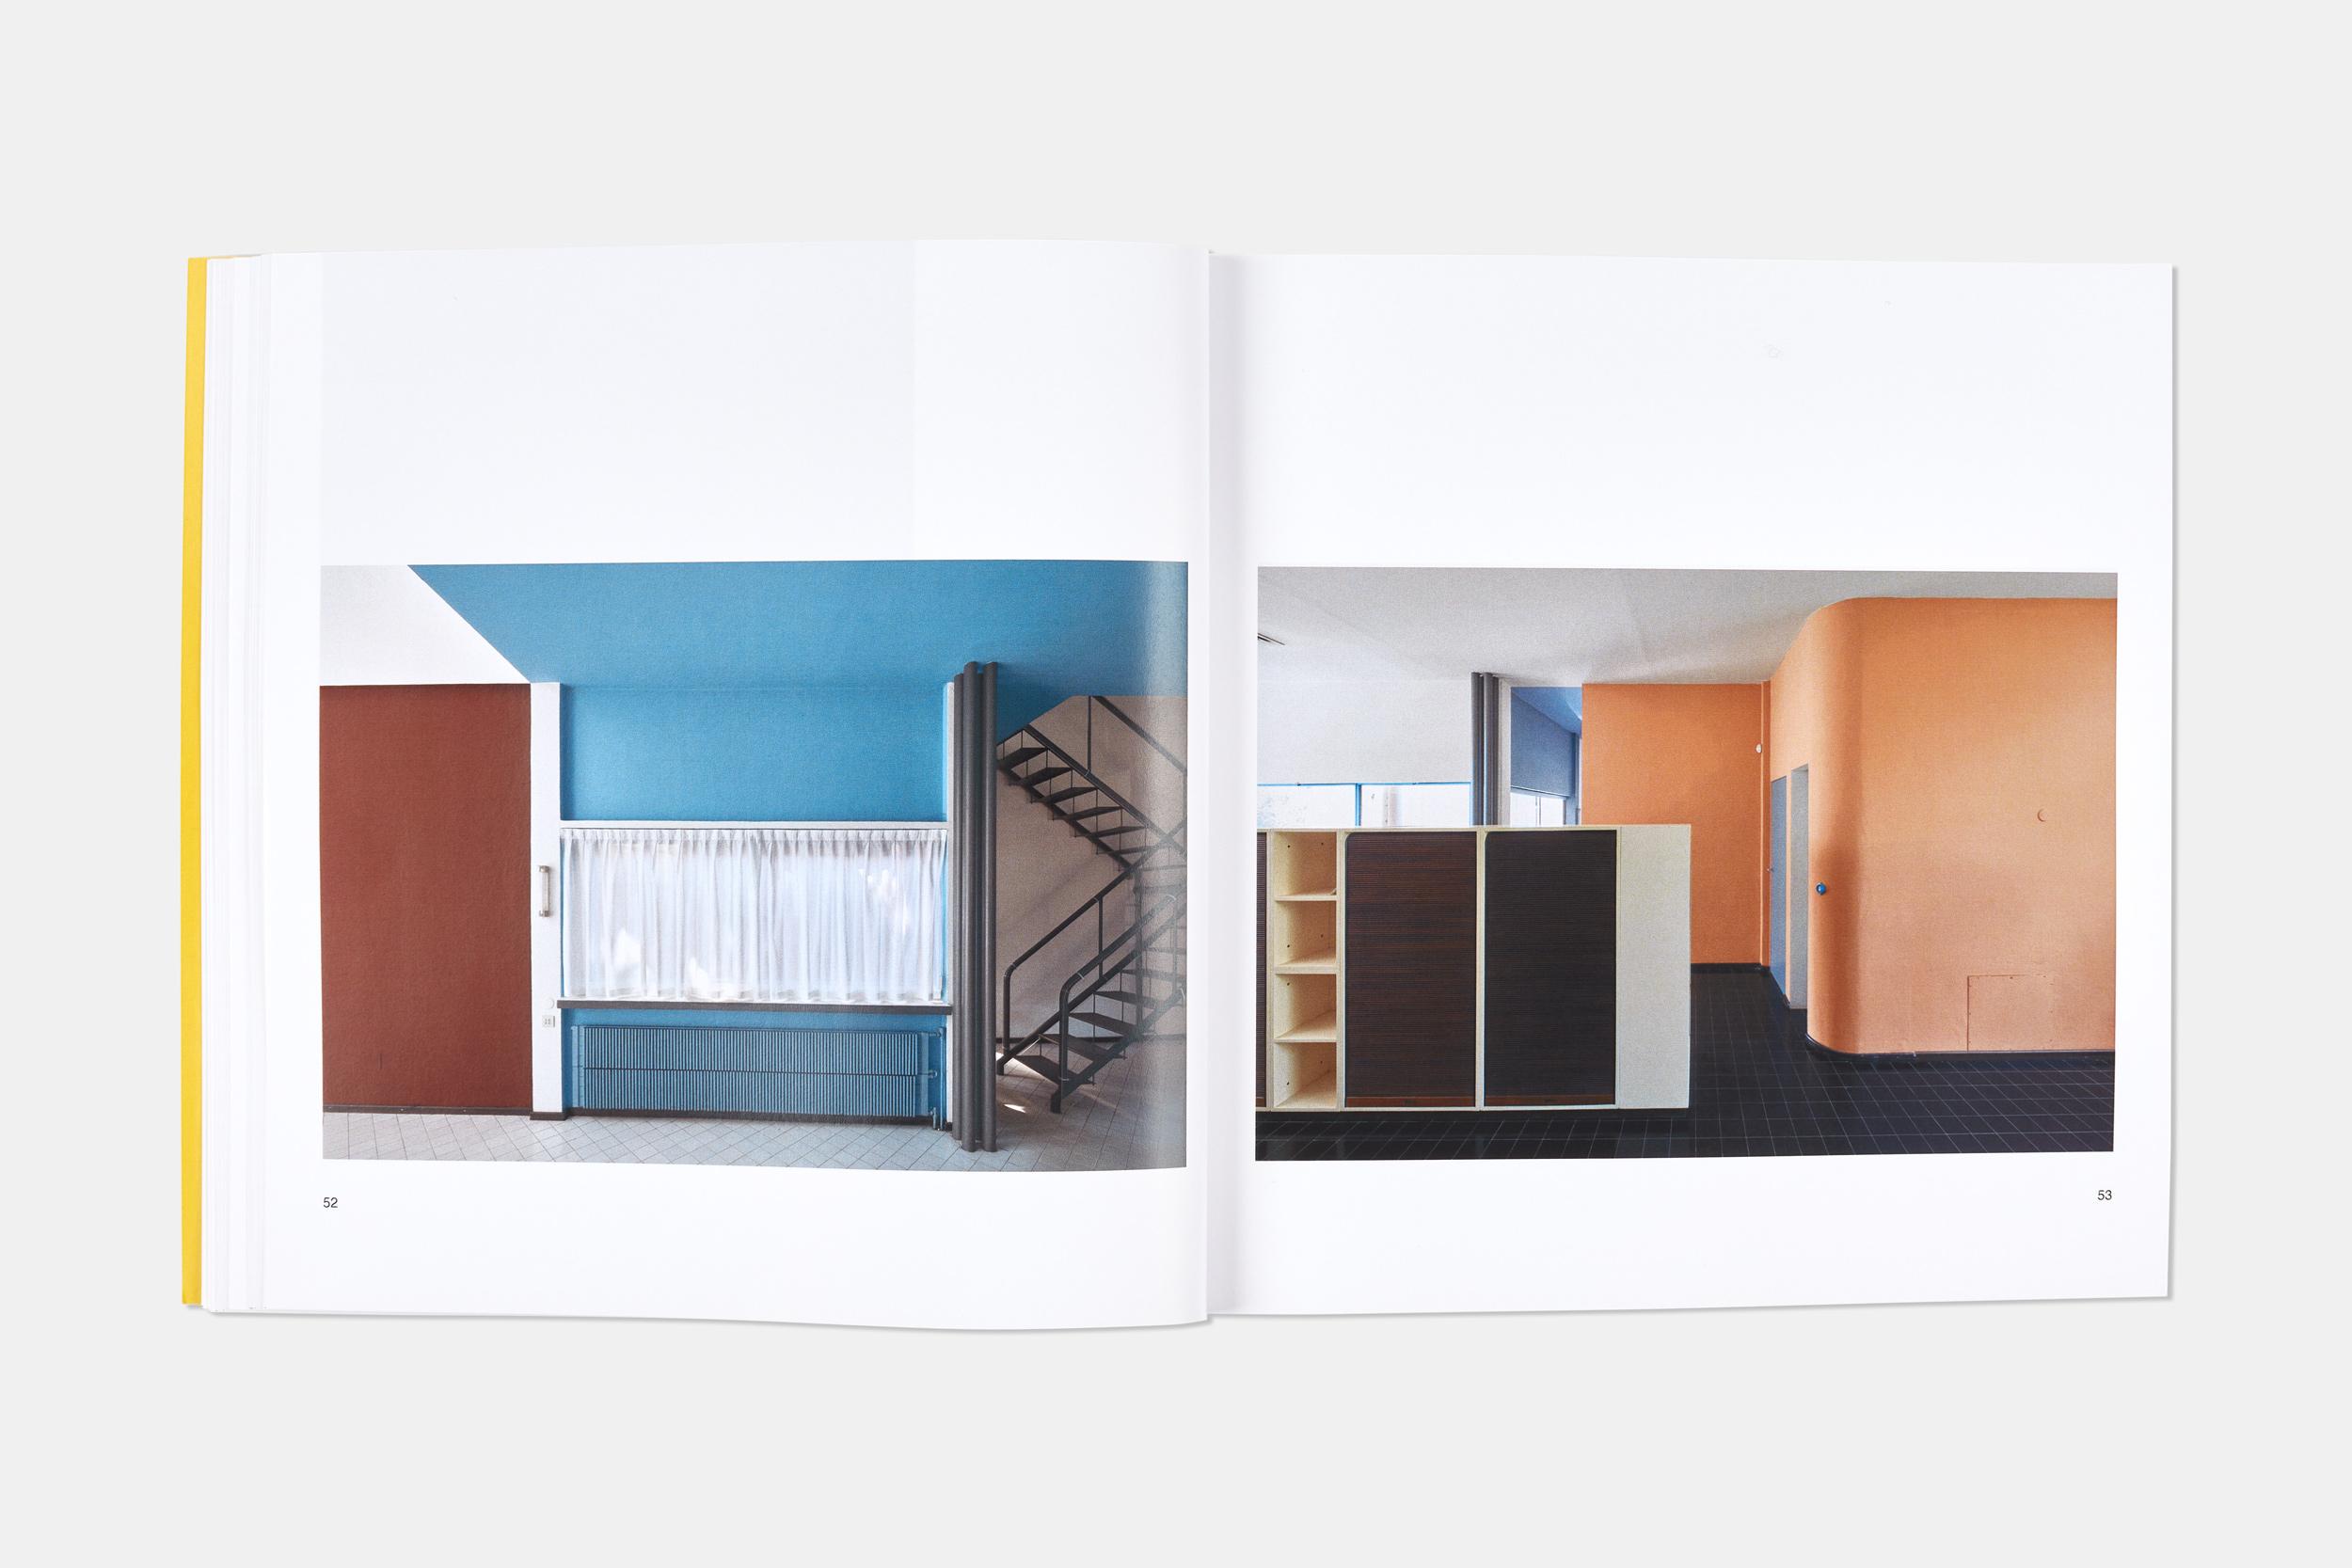 Federico_Covre_Le_Corbusier_Phoenix_Book_Esprit_Nouveau_2018_20